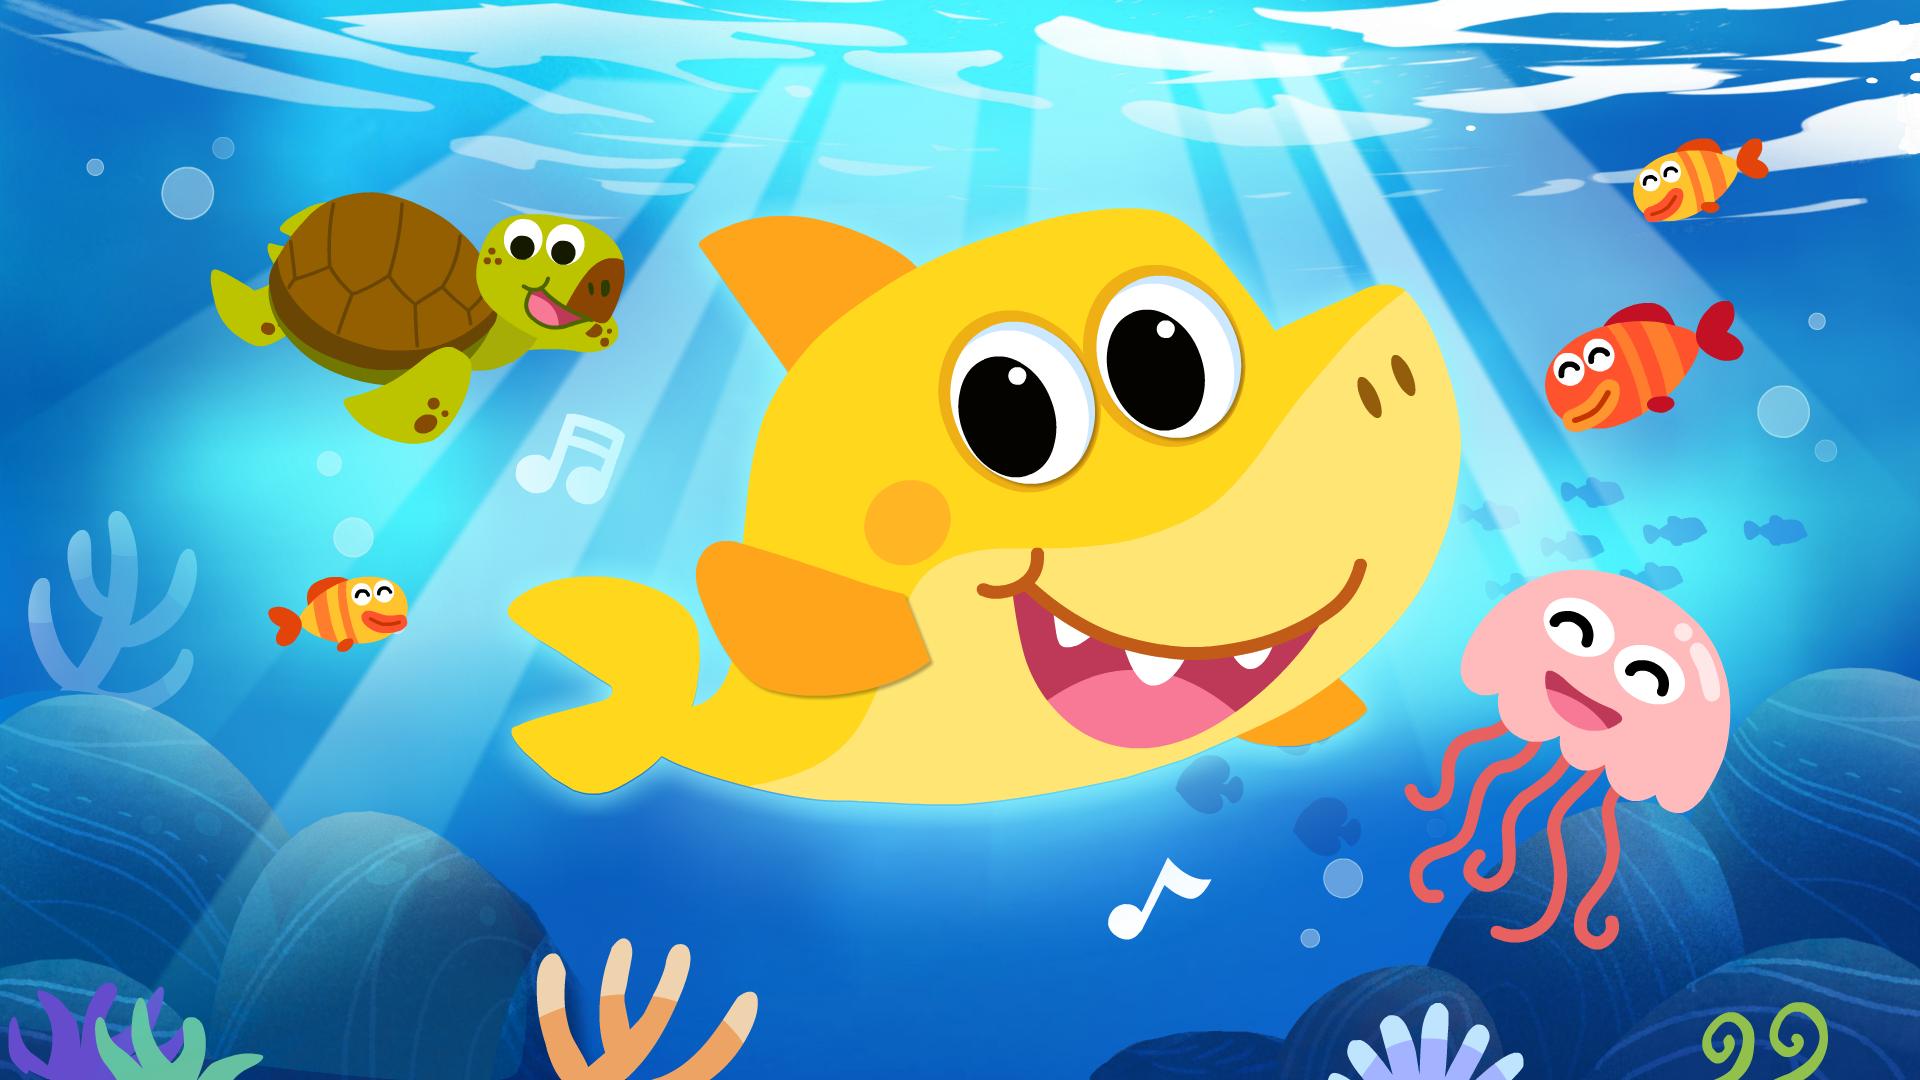 宝宝巴士之动物世界动画孤单的小鲨鱼交不到朋友,到底为什么?